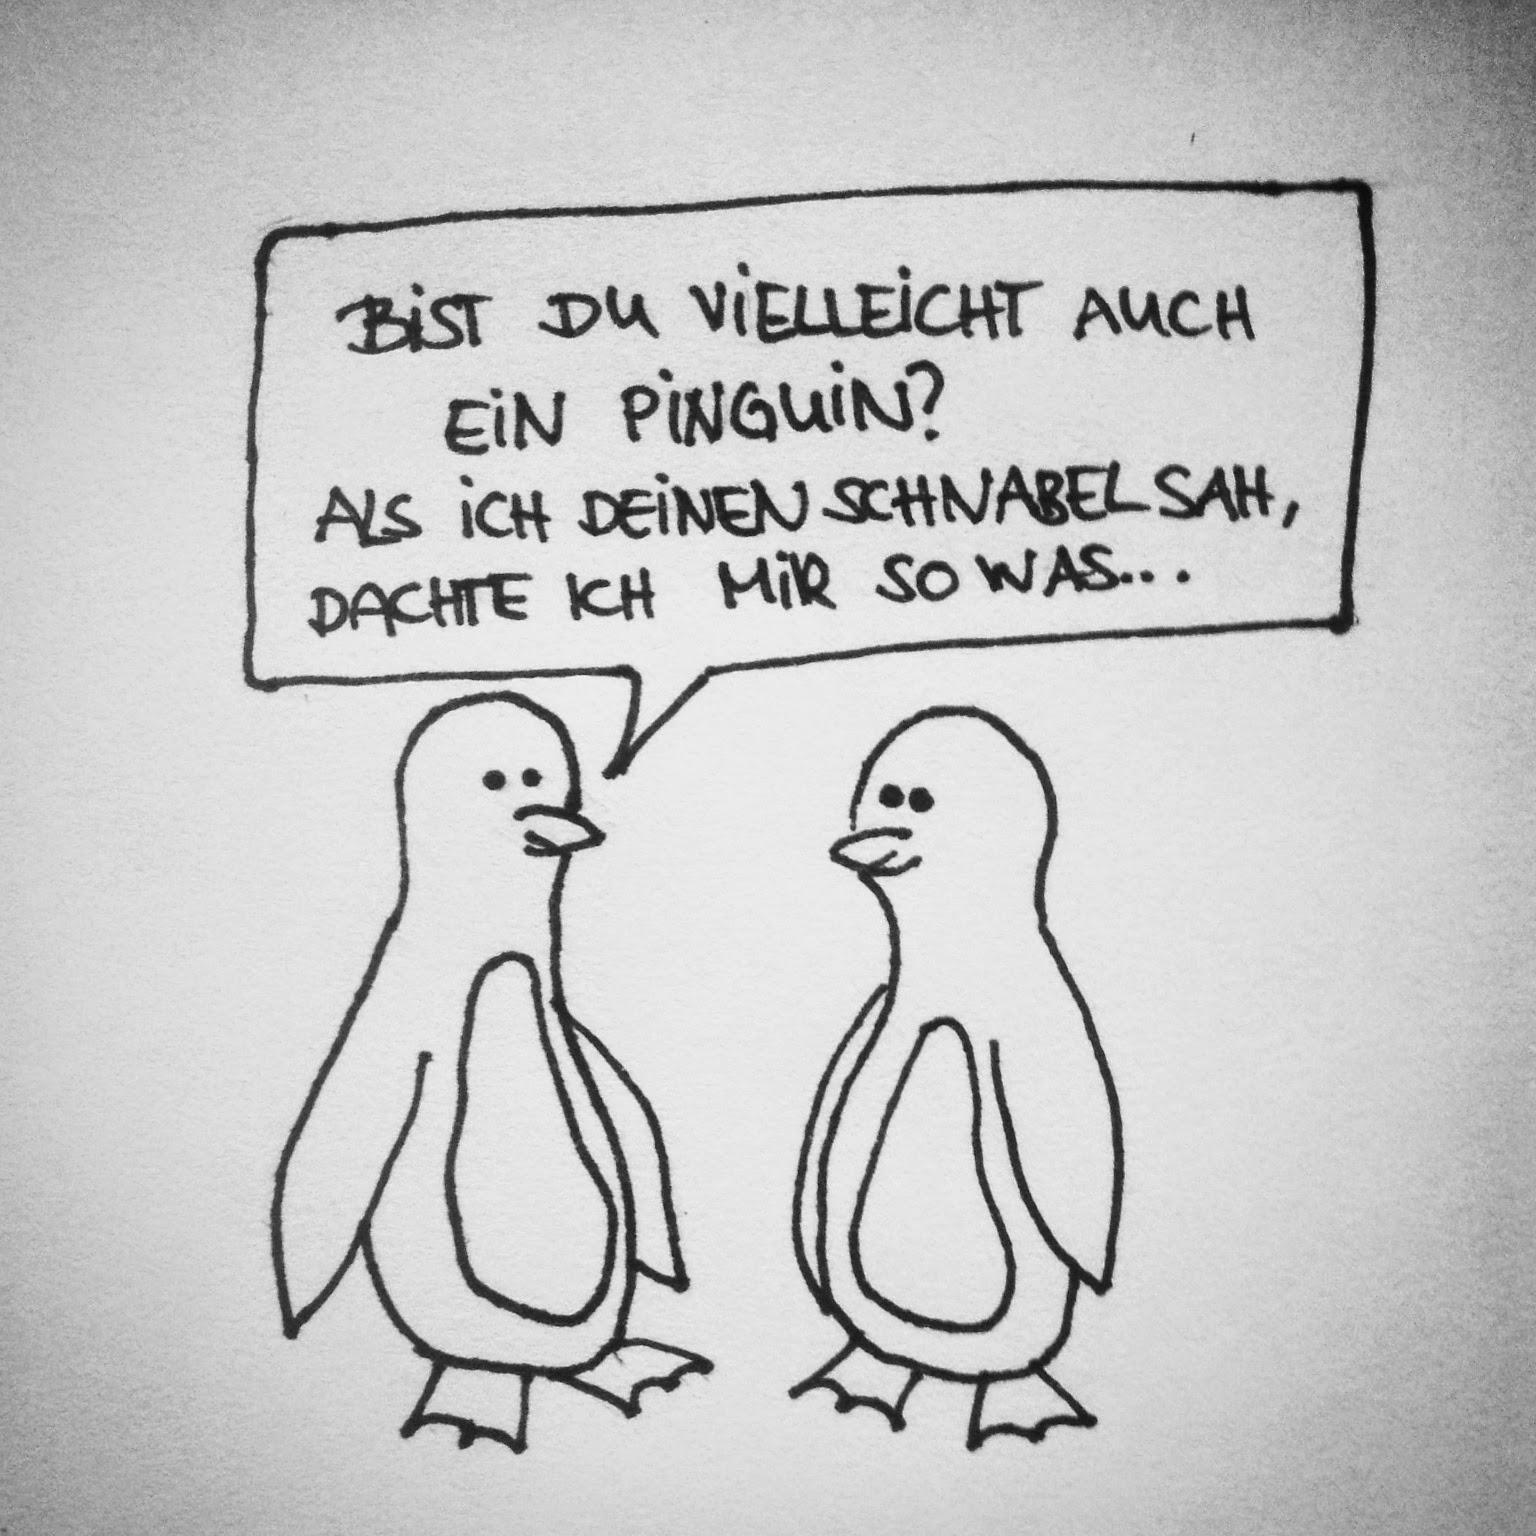 http://instagram.com/fraulinkenberg/